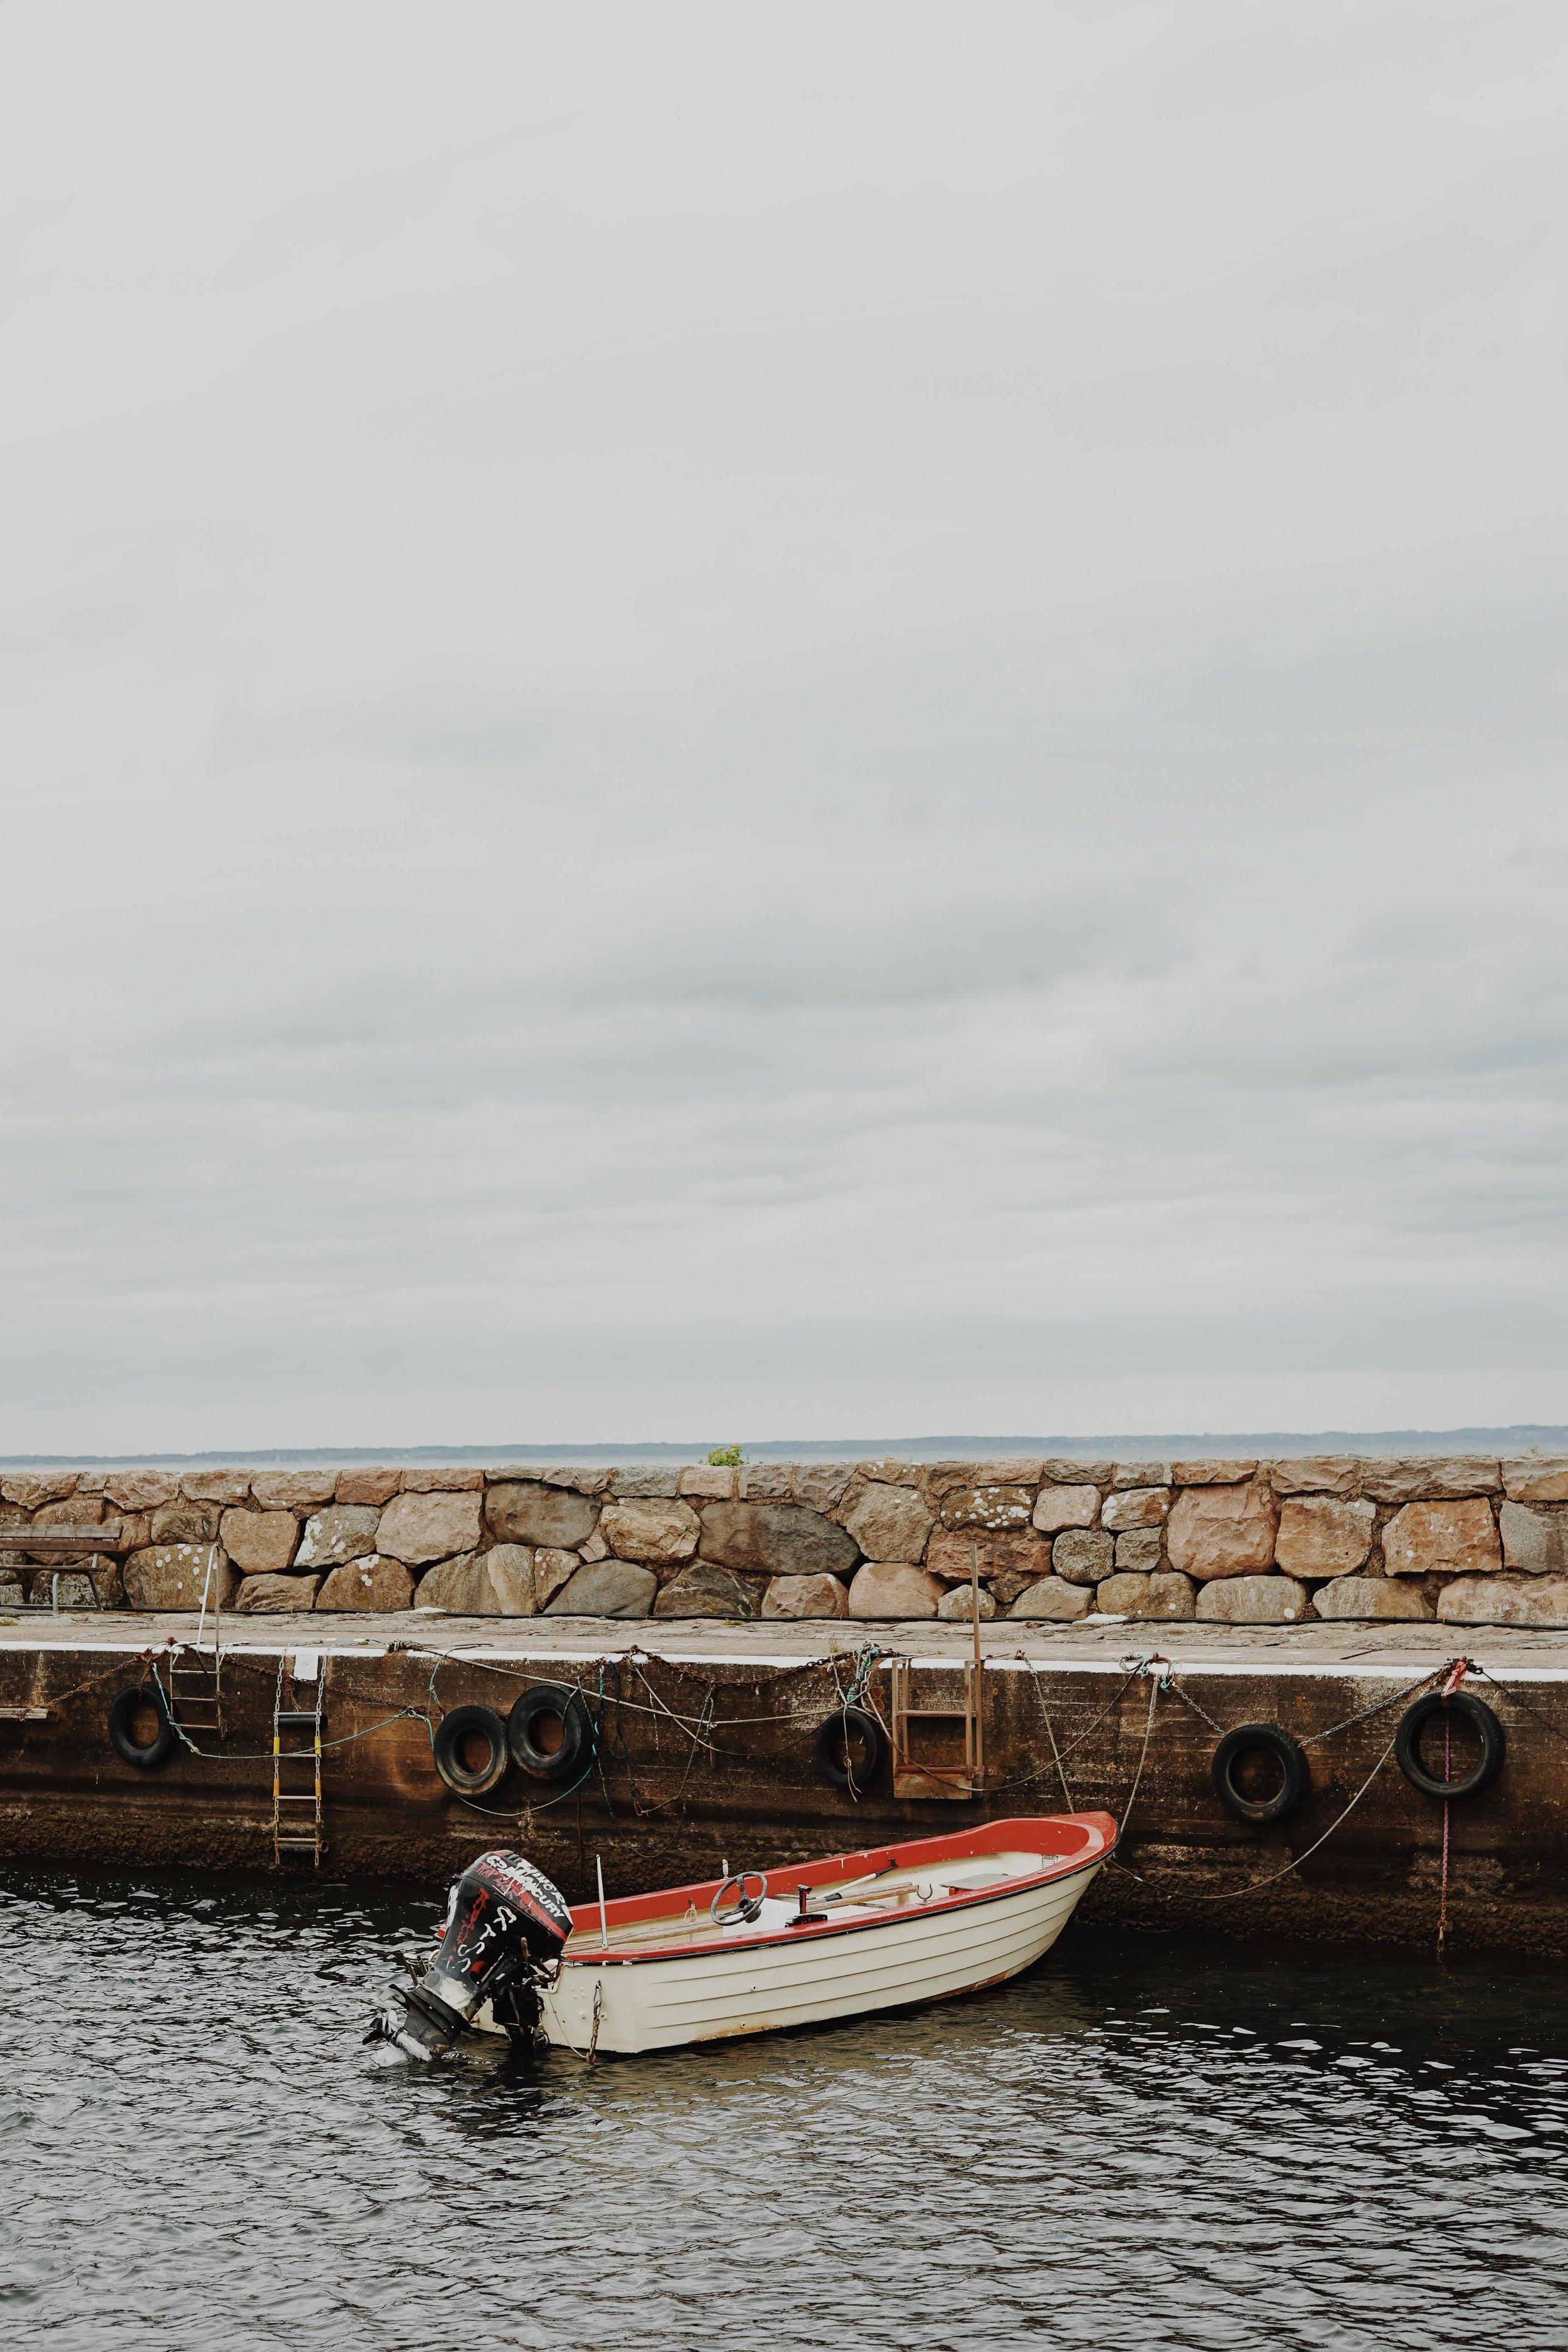 ASROSENVINGE_VisitSkane_Sweden_Magnarps_Harbour_Boat_LowRes-141.jpg